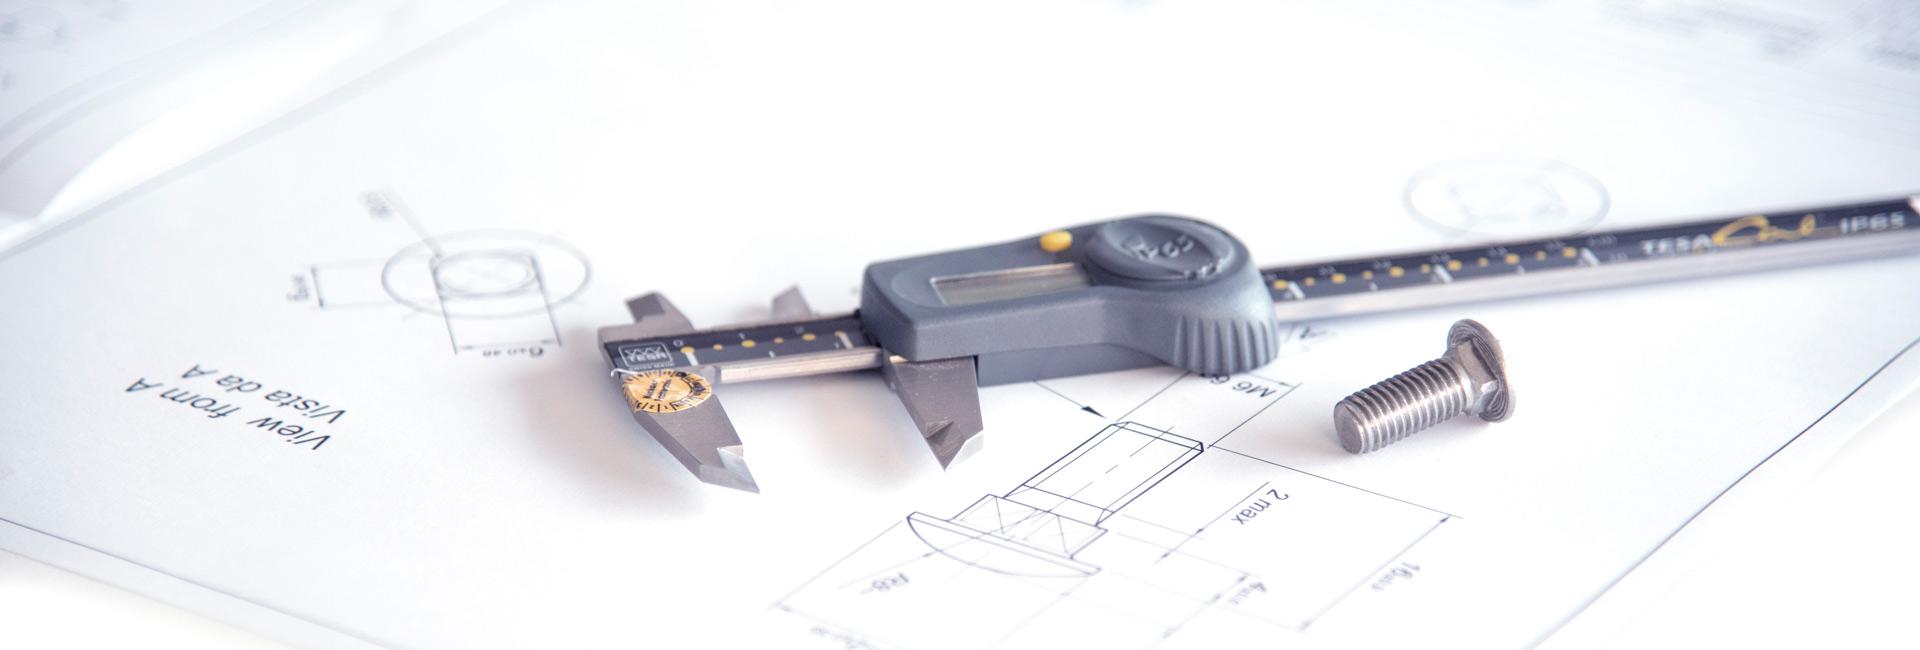 Schrauben auf Sonderwunsch als Sonder- und Zeichnungsteile aus dem Werkstoff Edelstahl